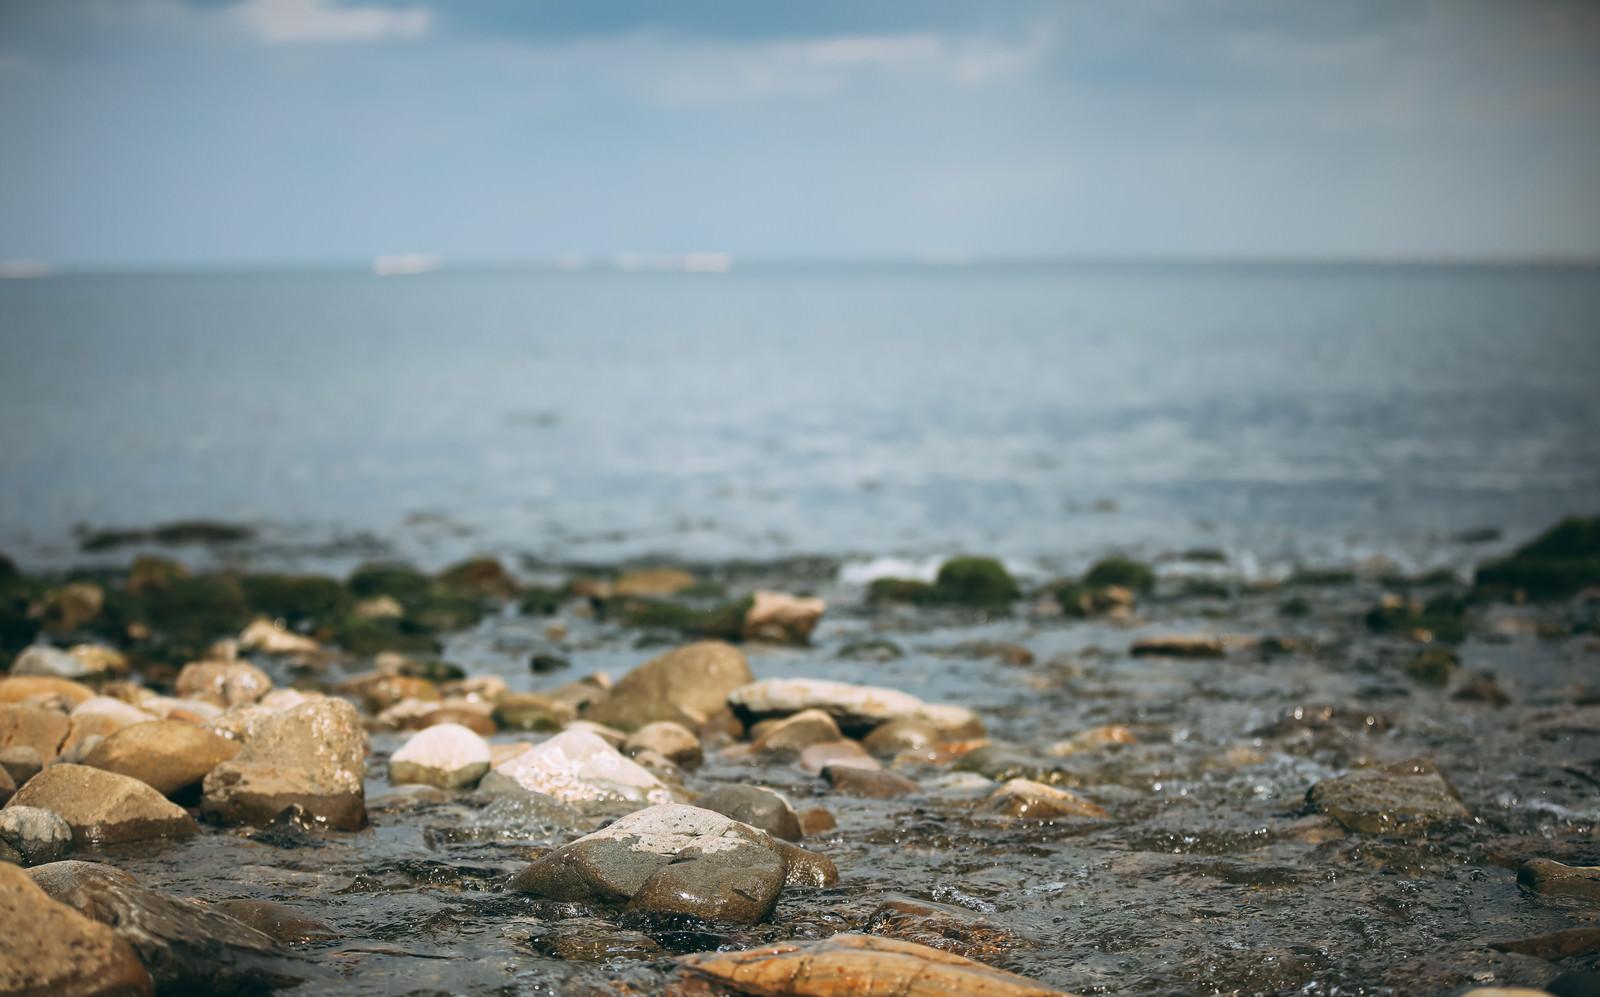 「波打ち際と湿った石、そして海」の写真